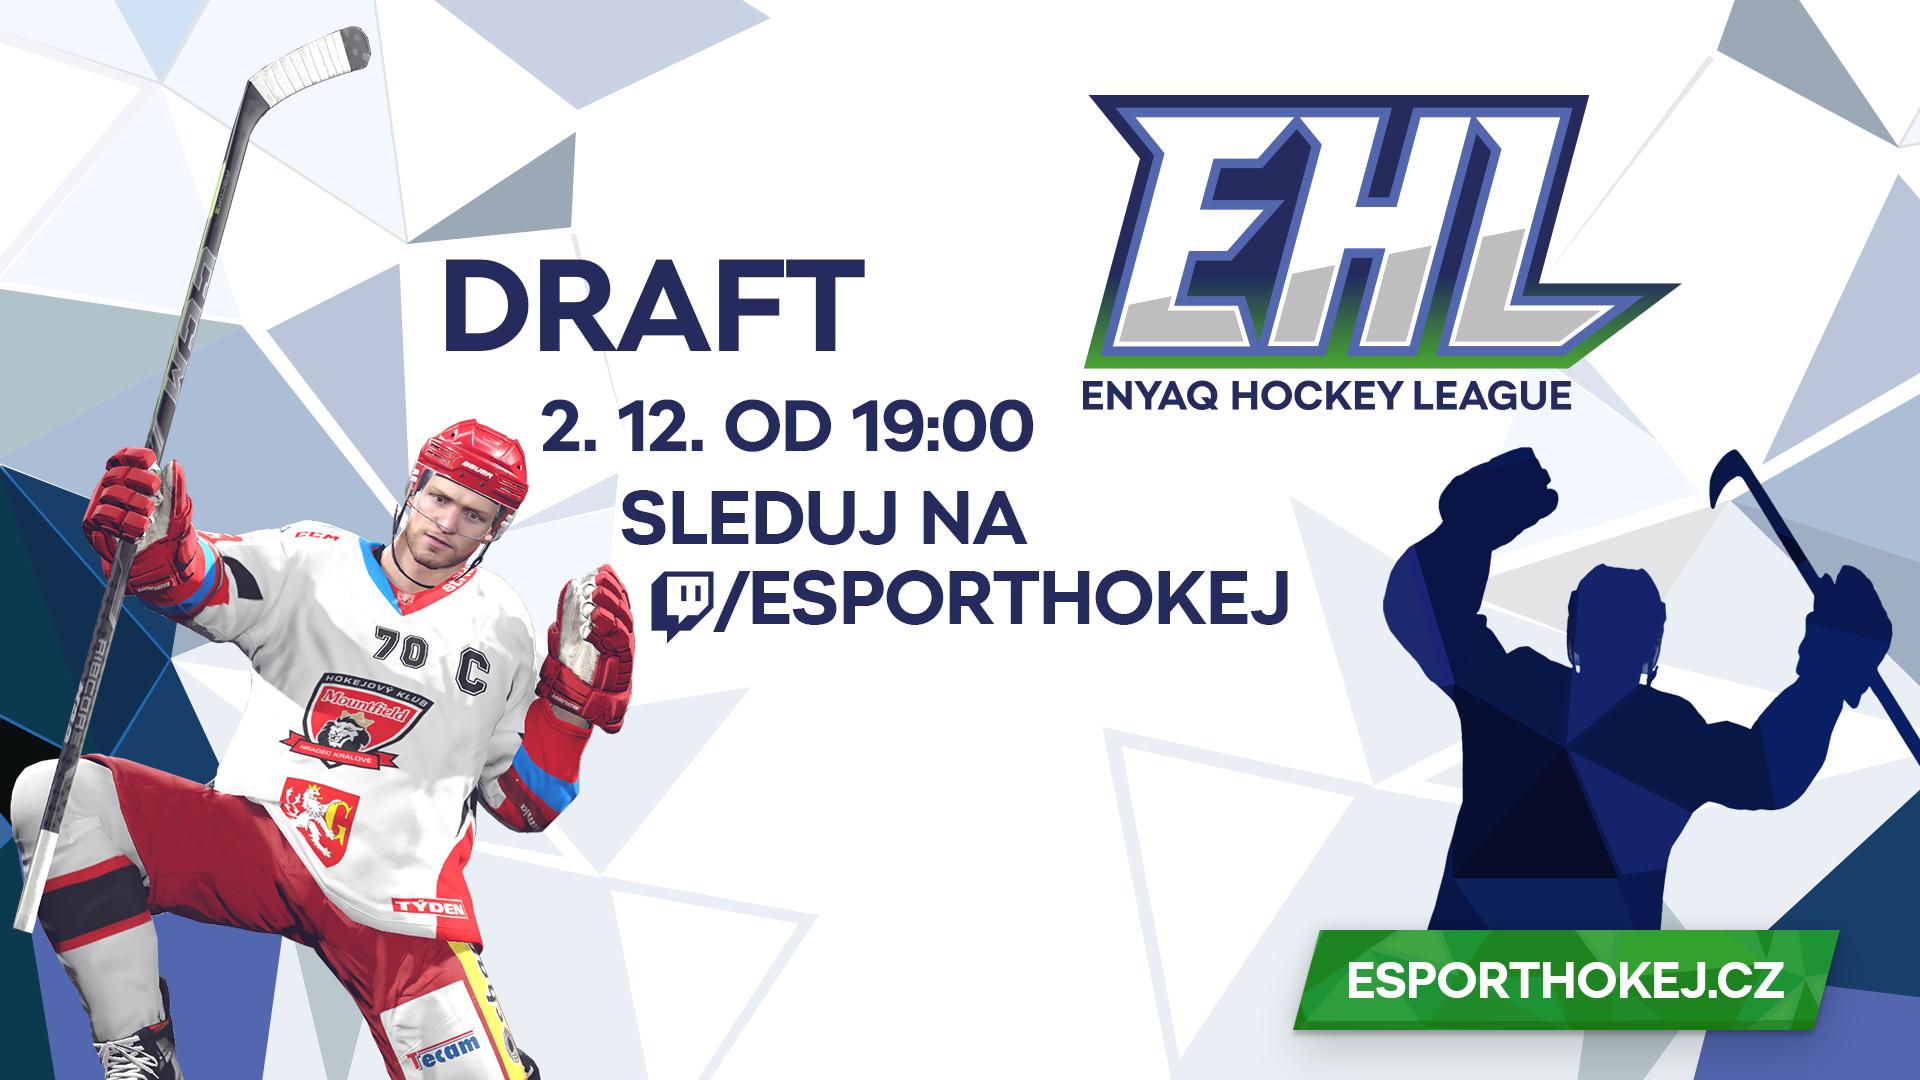 sleduj-draft-enyaq-hokejove-ligy